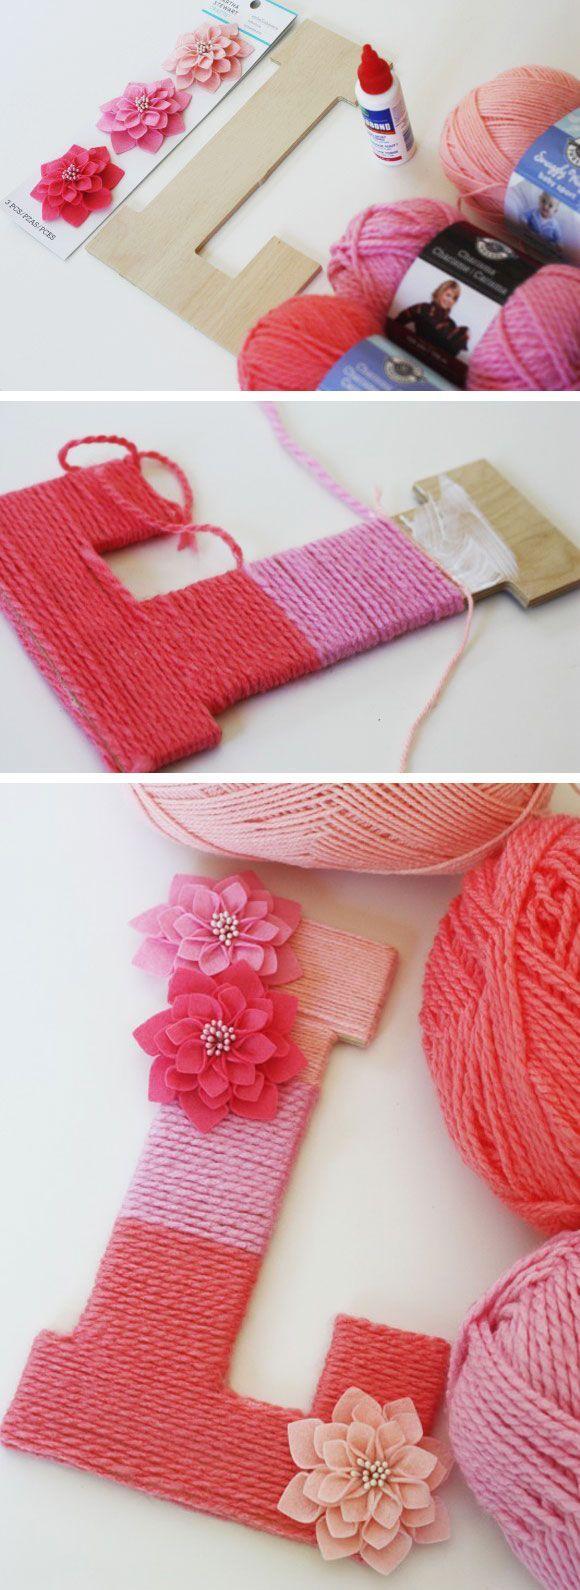 Letras con lana